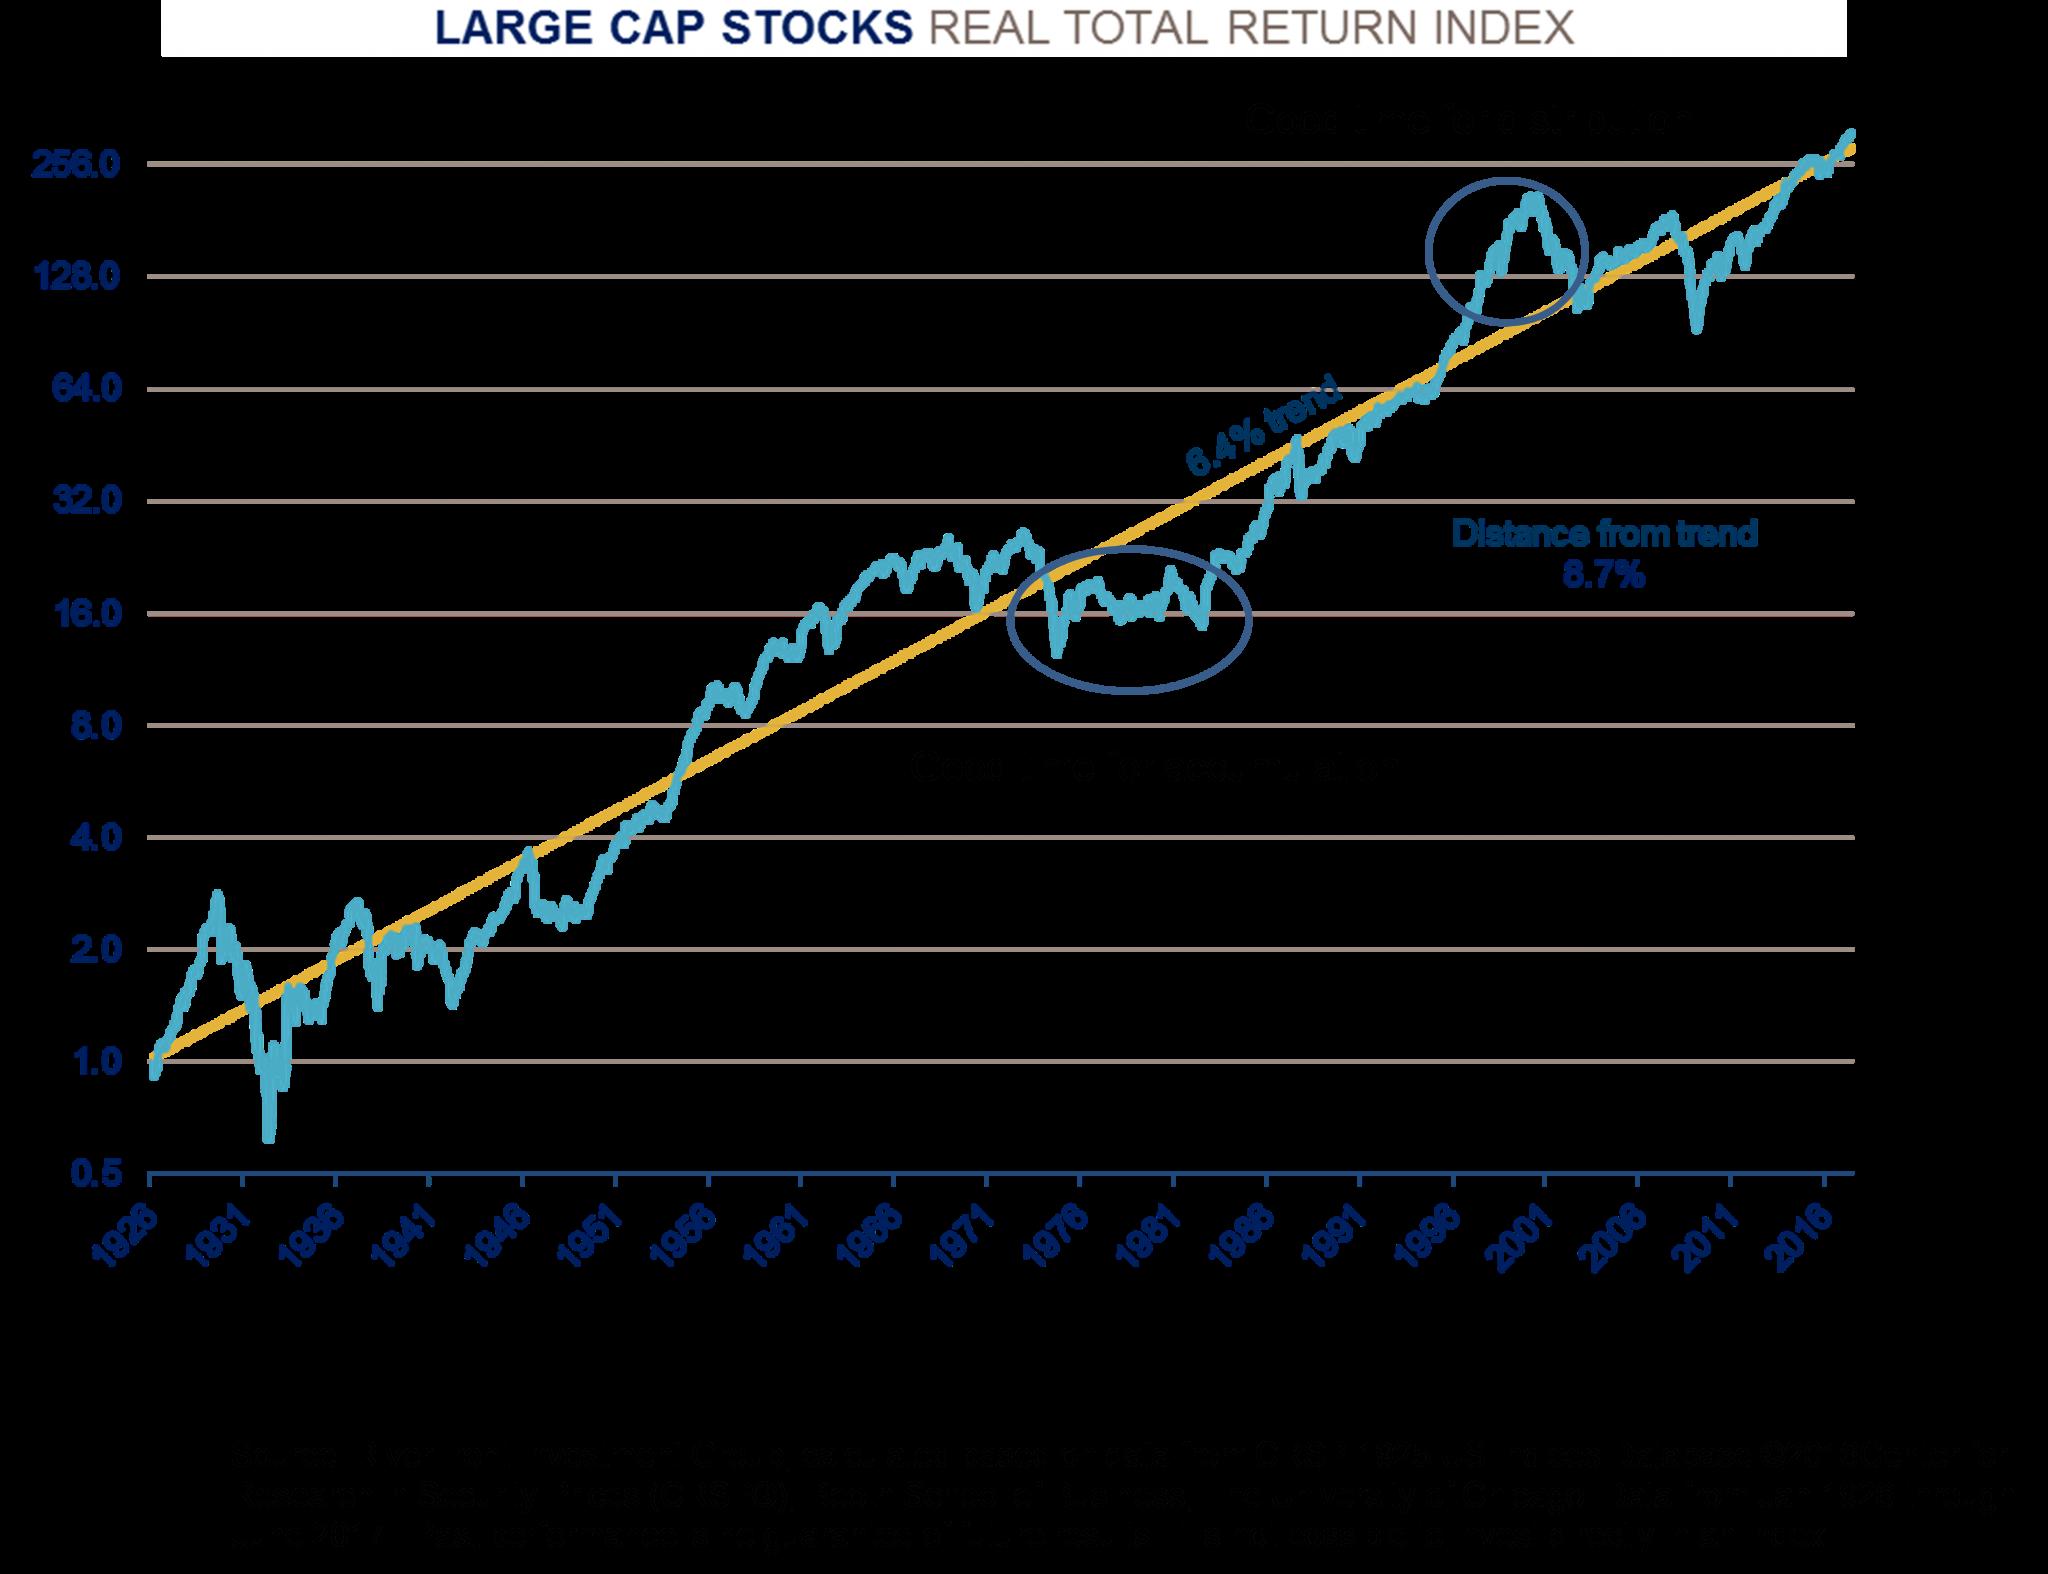 Large Cap Stocks Real Total Return Index